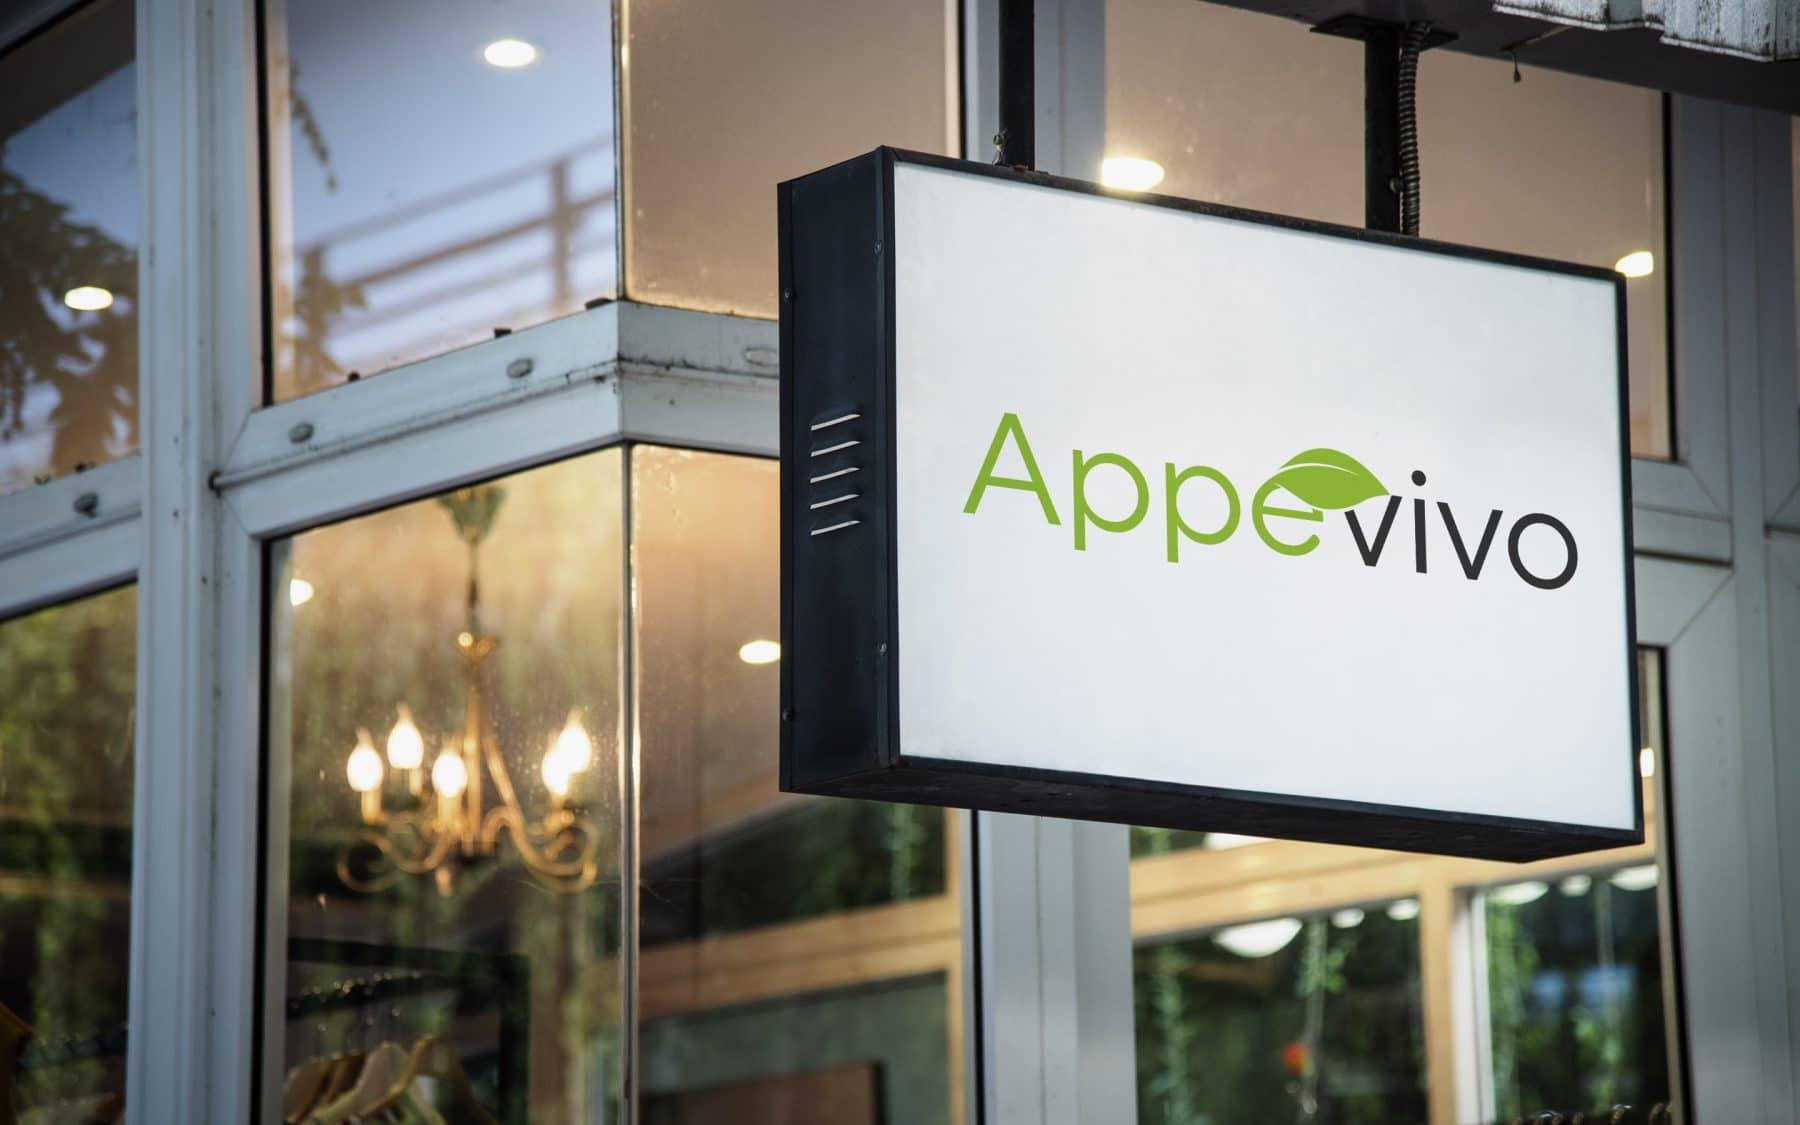 Appevivo